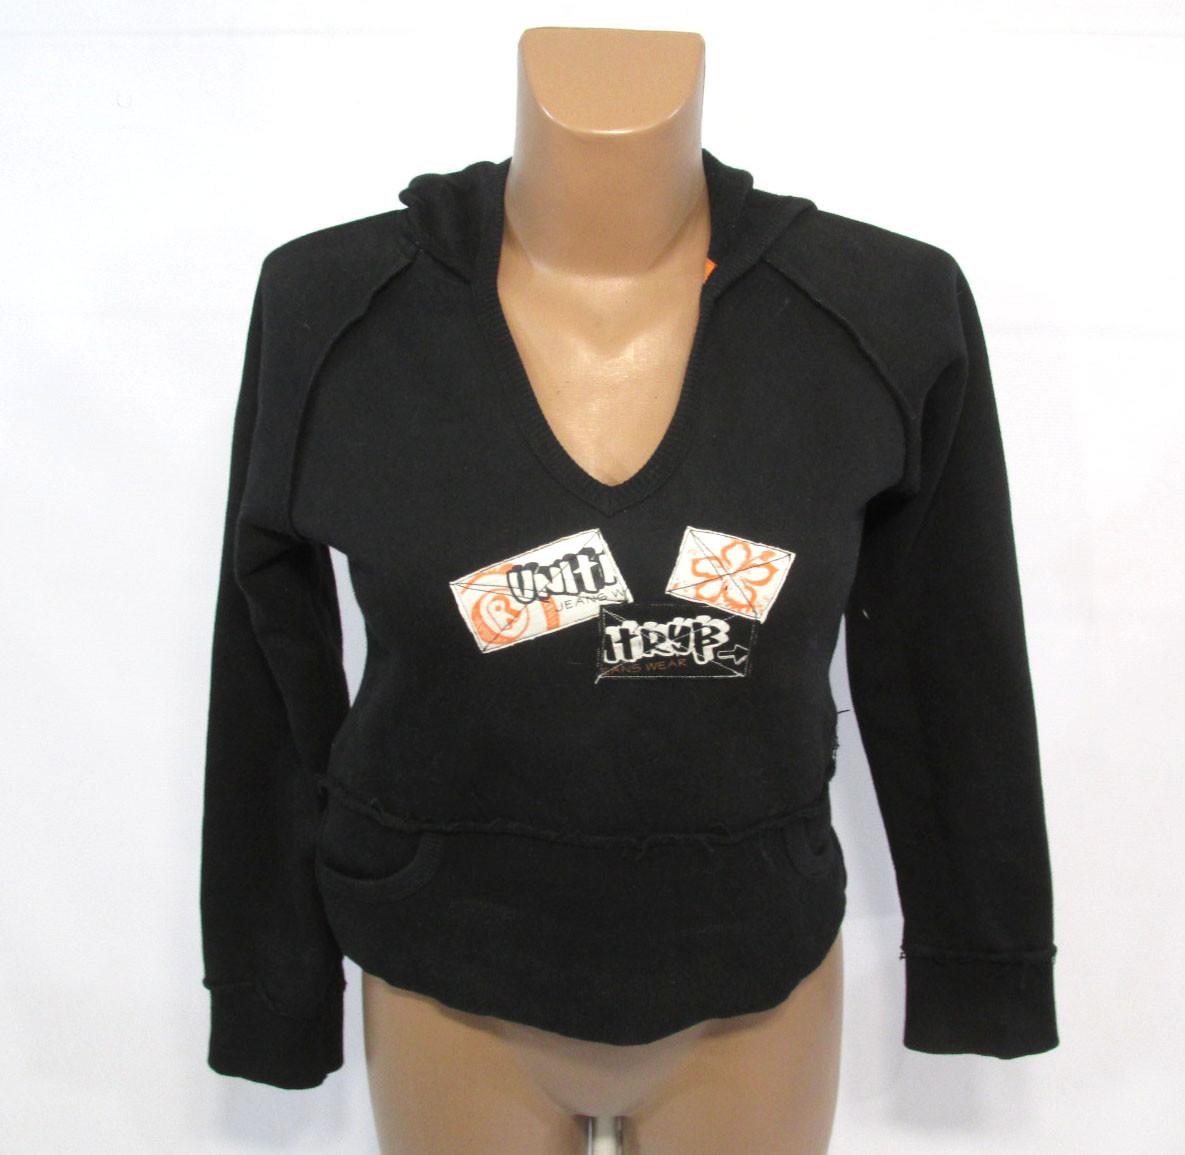 f3fcca22af73 Купить свитер, джемпер, пуловер, кофту в Луцке ᐉ Продажа женских ...